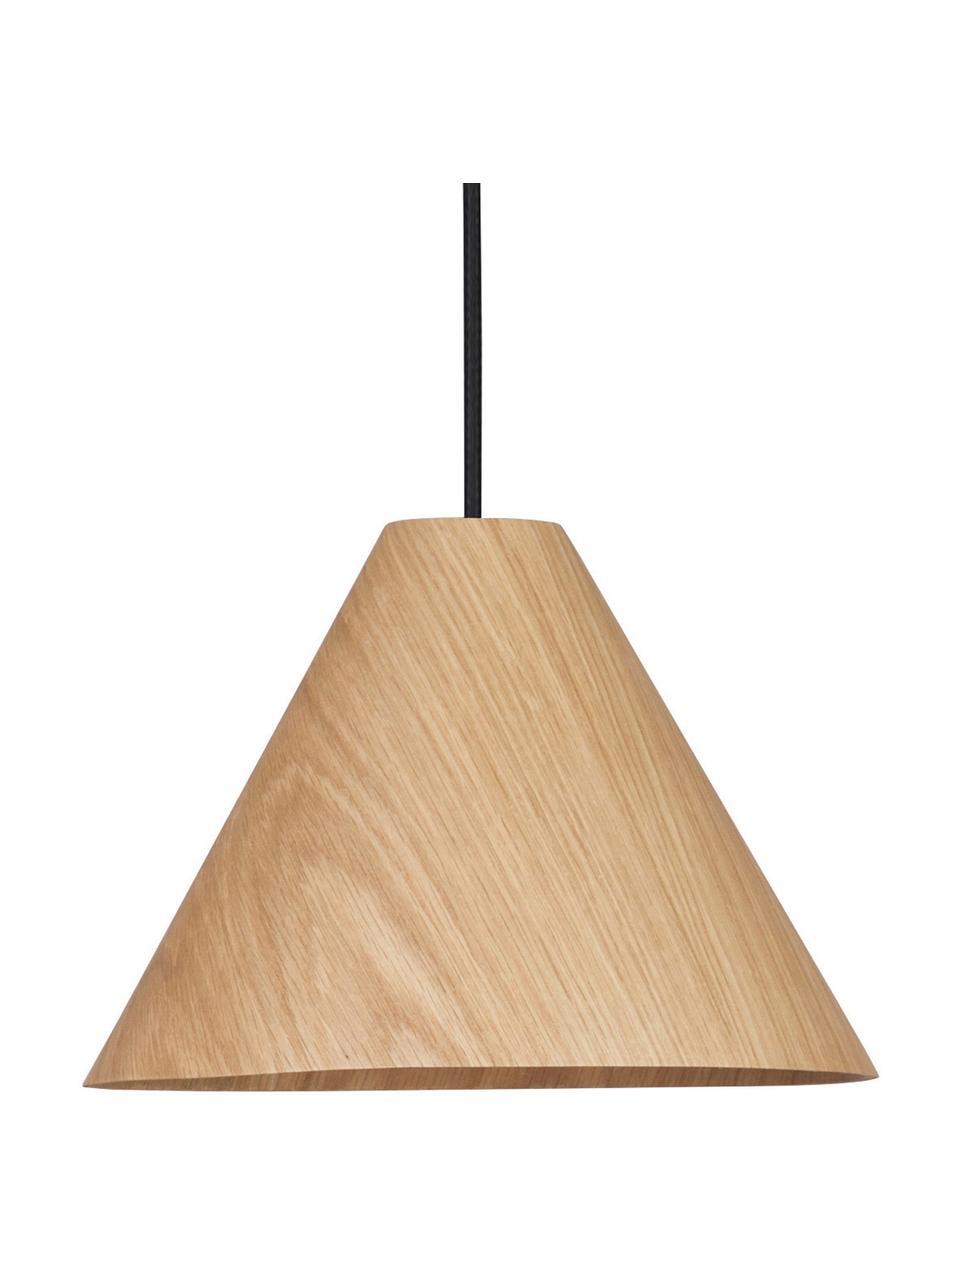 Lampada a sospensione in legno Wera, Paralume: legno, Baldacchino: legno, Legno, nero, Ø 25 x Alt. 17 cm